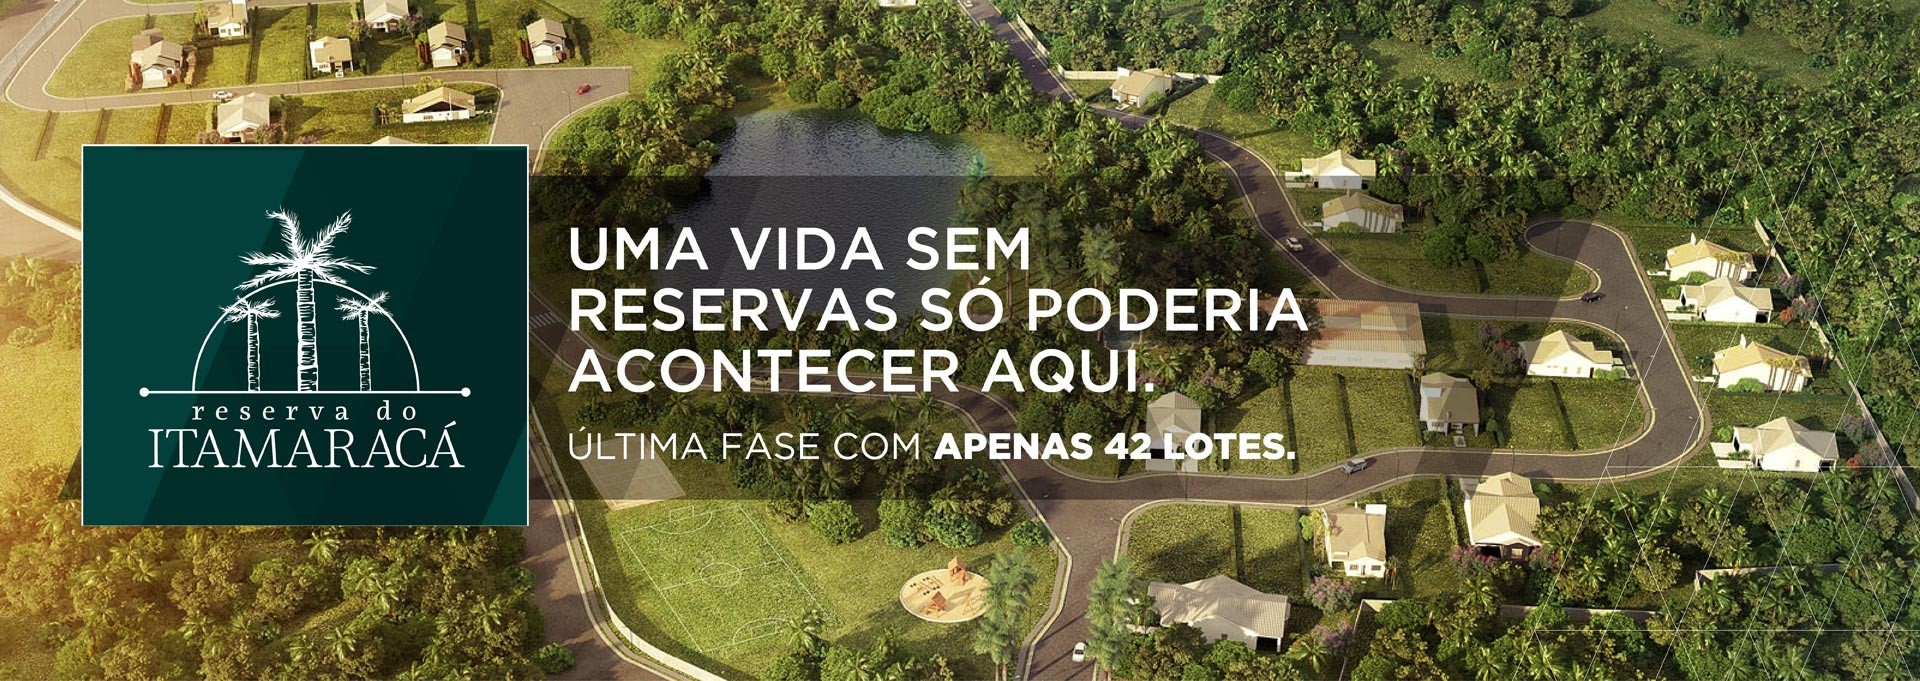 Reserva do Itamaraca FASE II